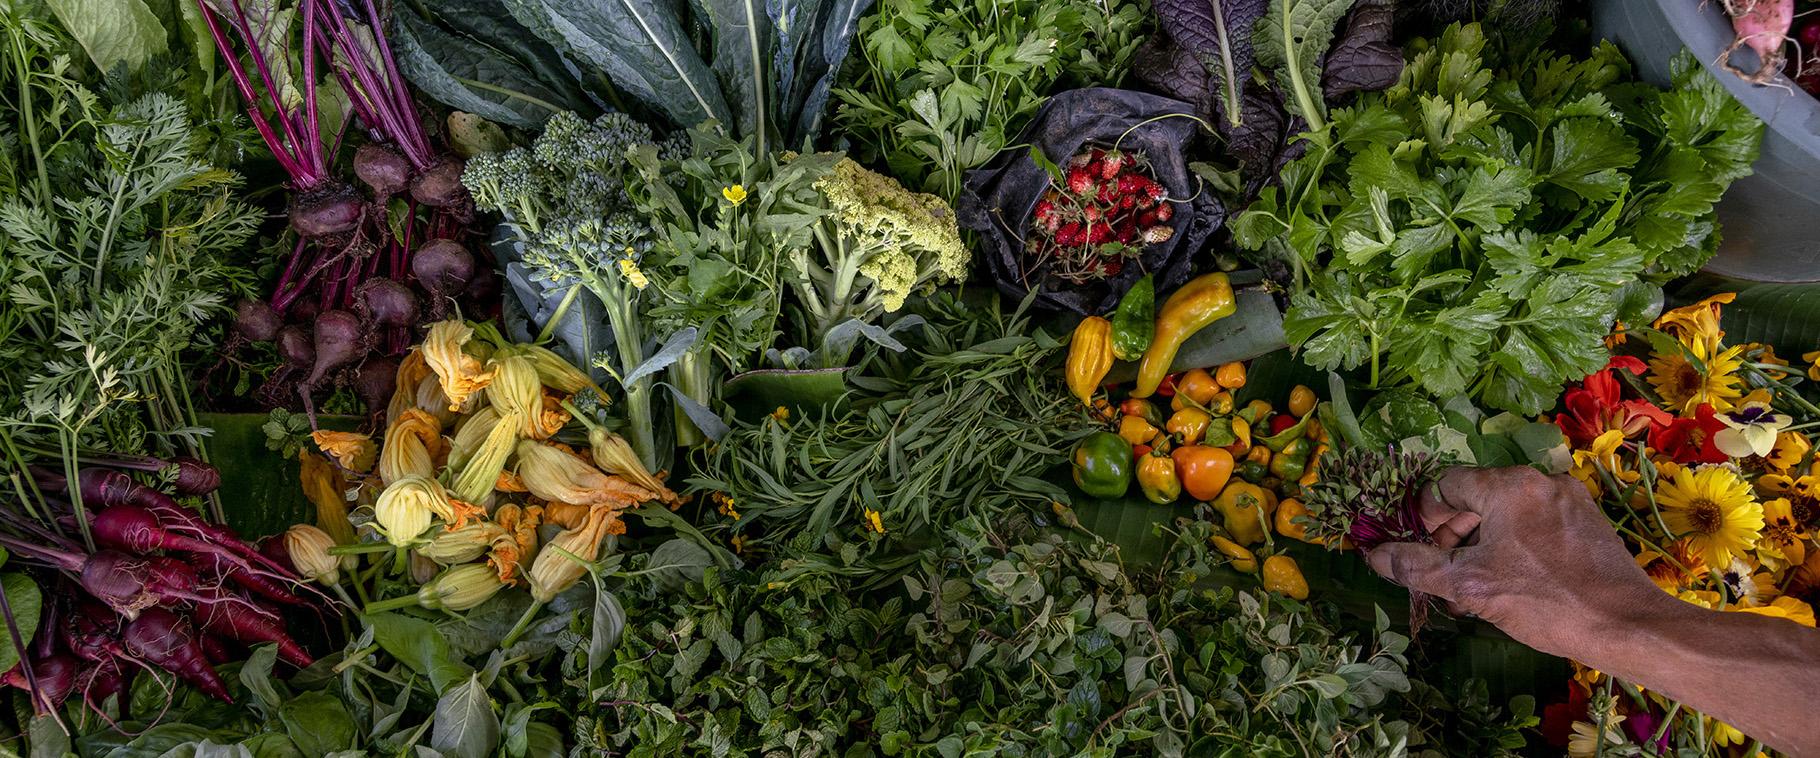 Harvest V